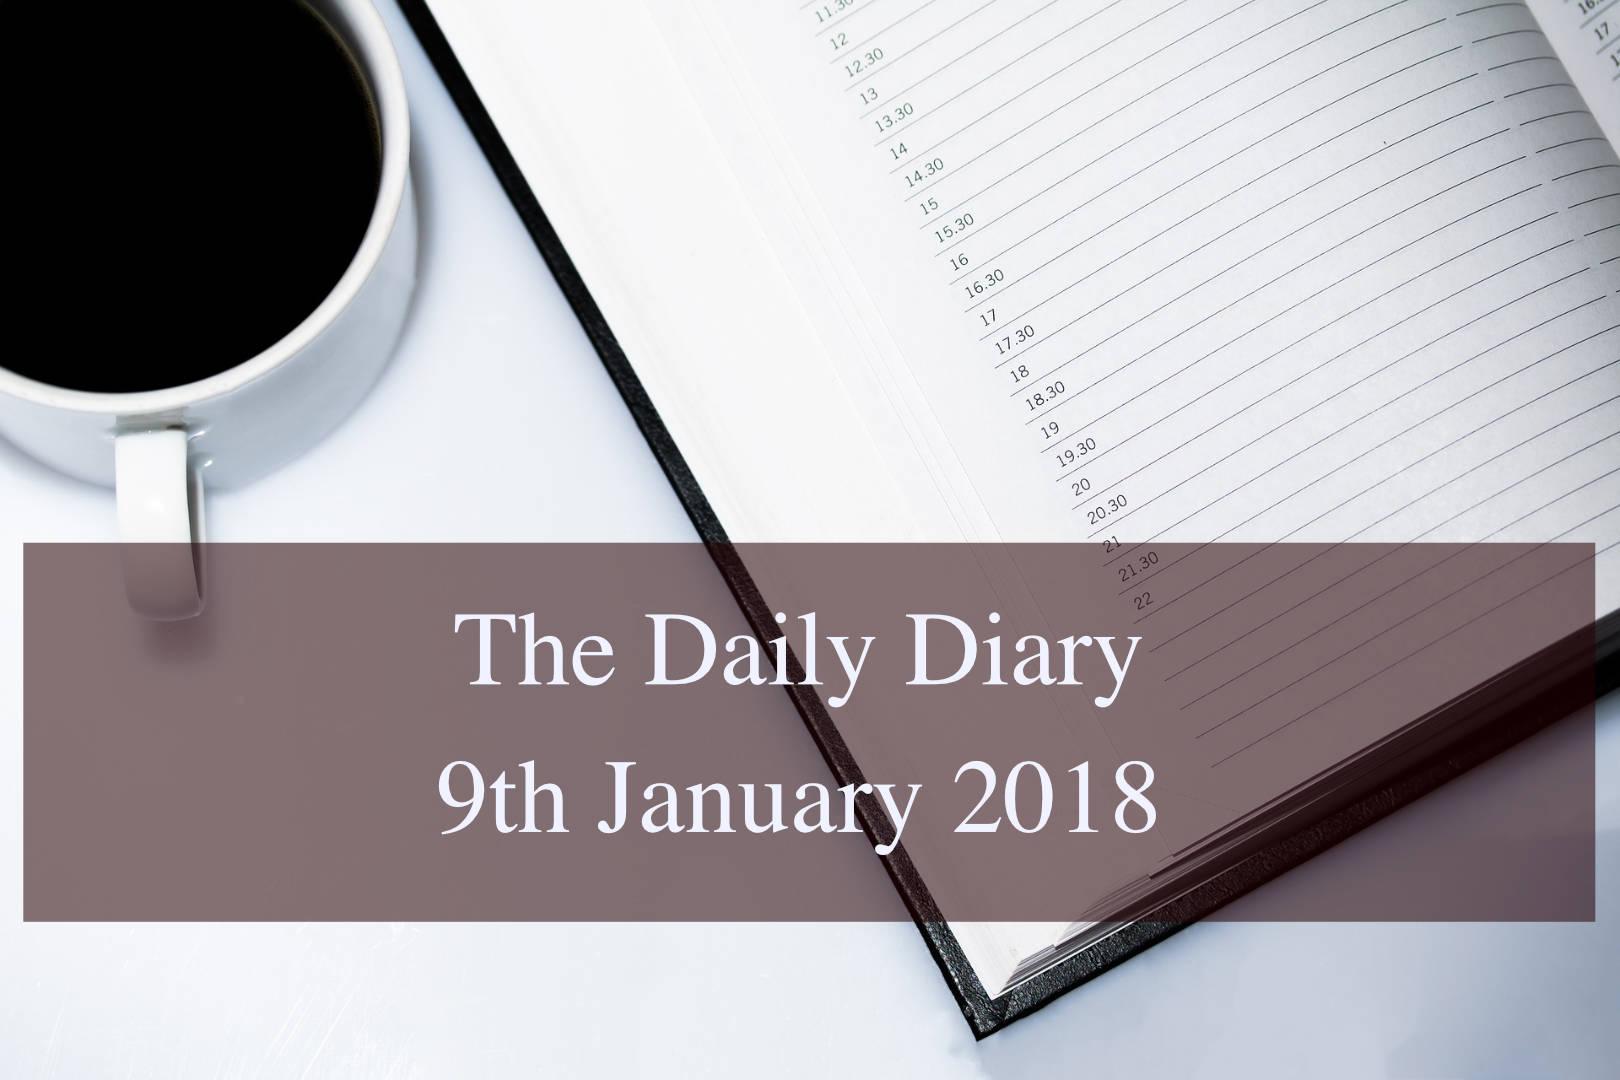 Daily Diary 9th January 2018